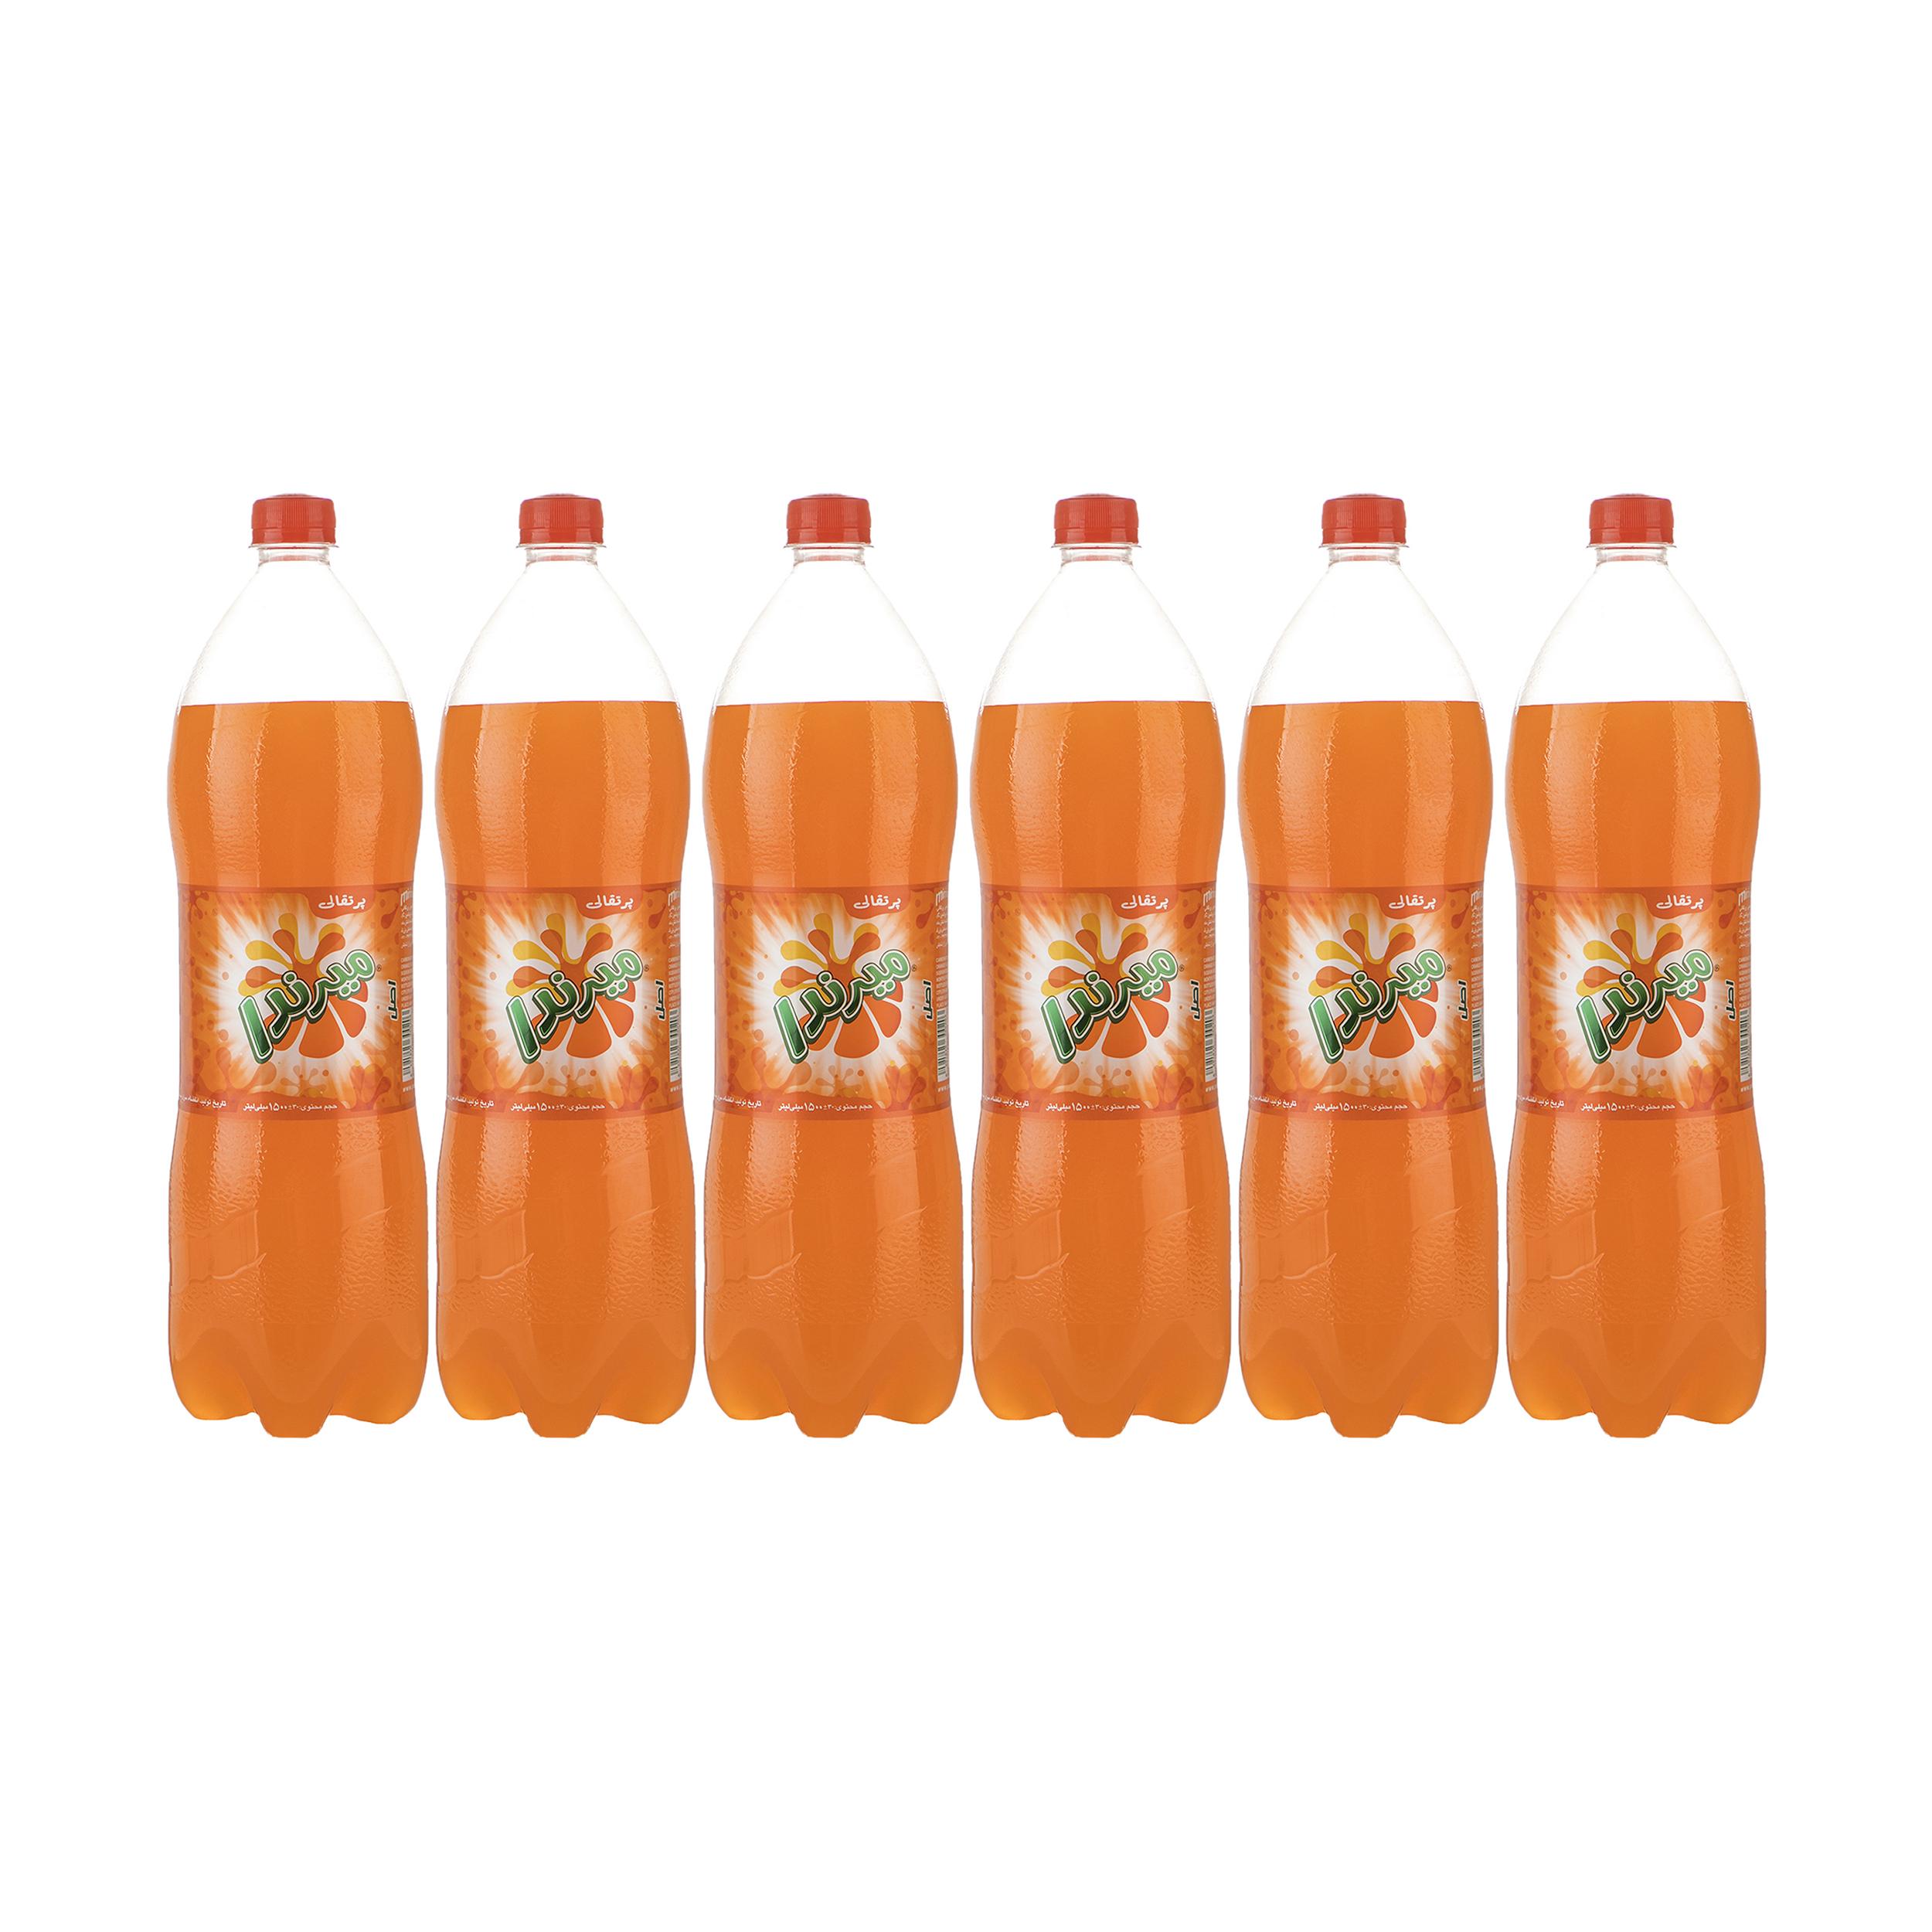 نوشابه پرتقال گازدار ميرندا - 1.5 ليتر بسته 6 عددی